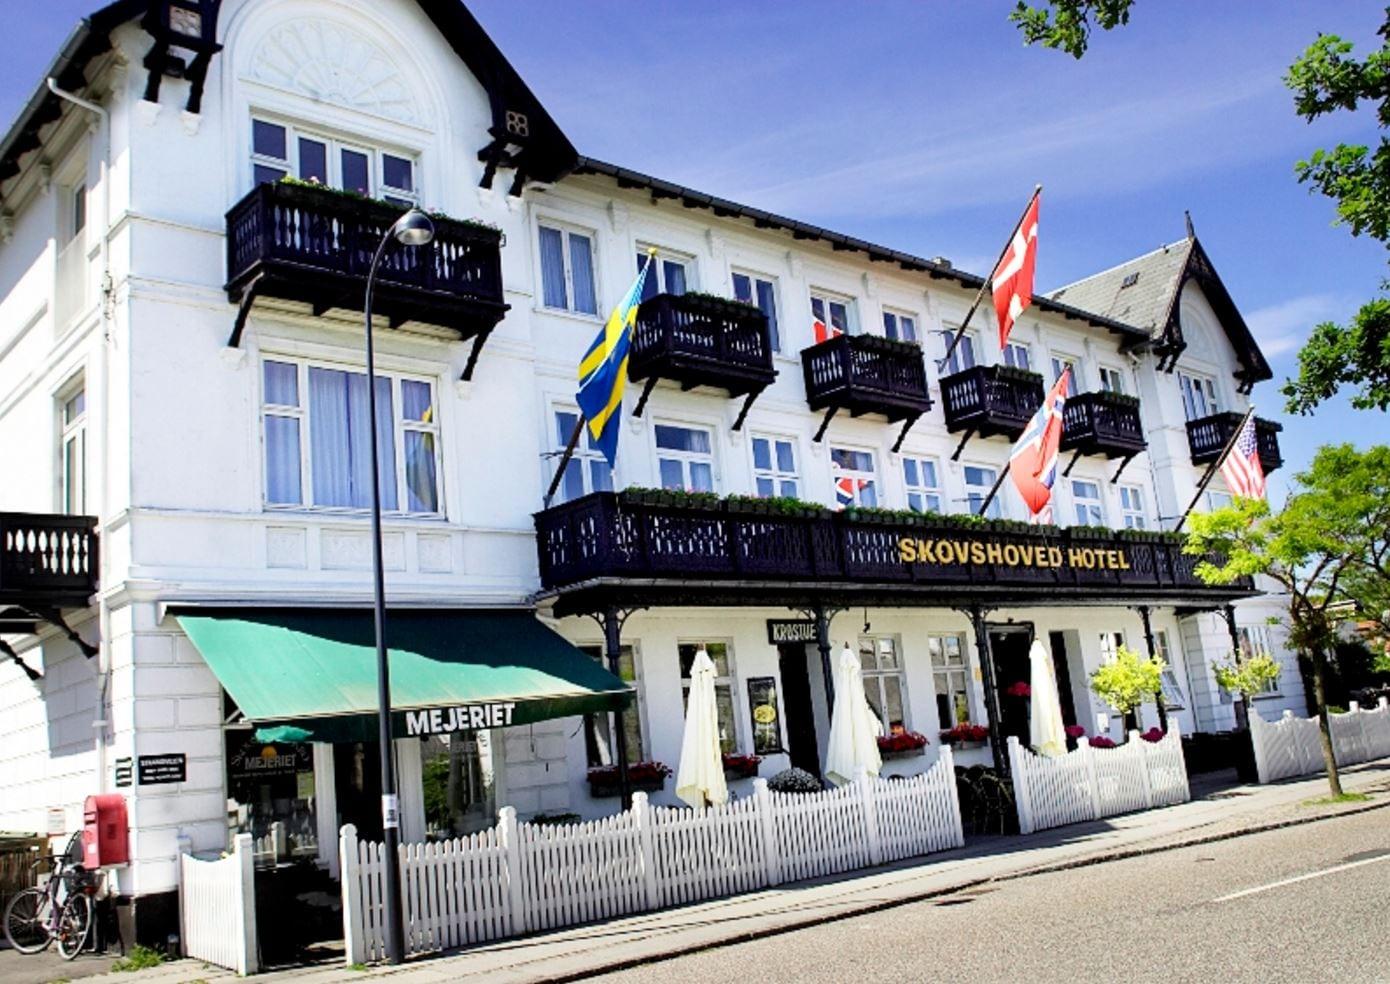 Efterårsprogram på Skovshoved Hotel